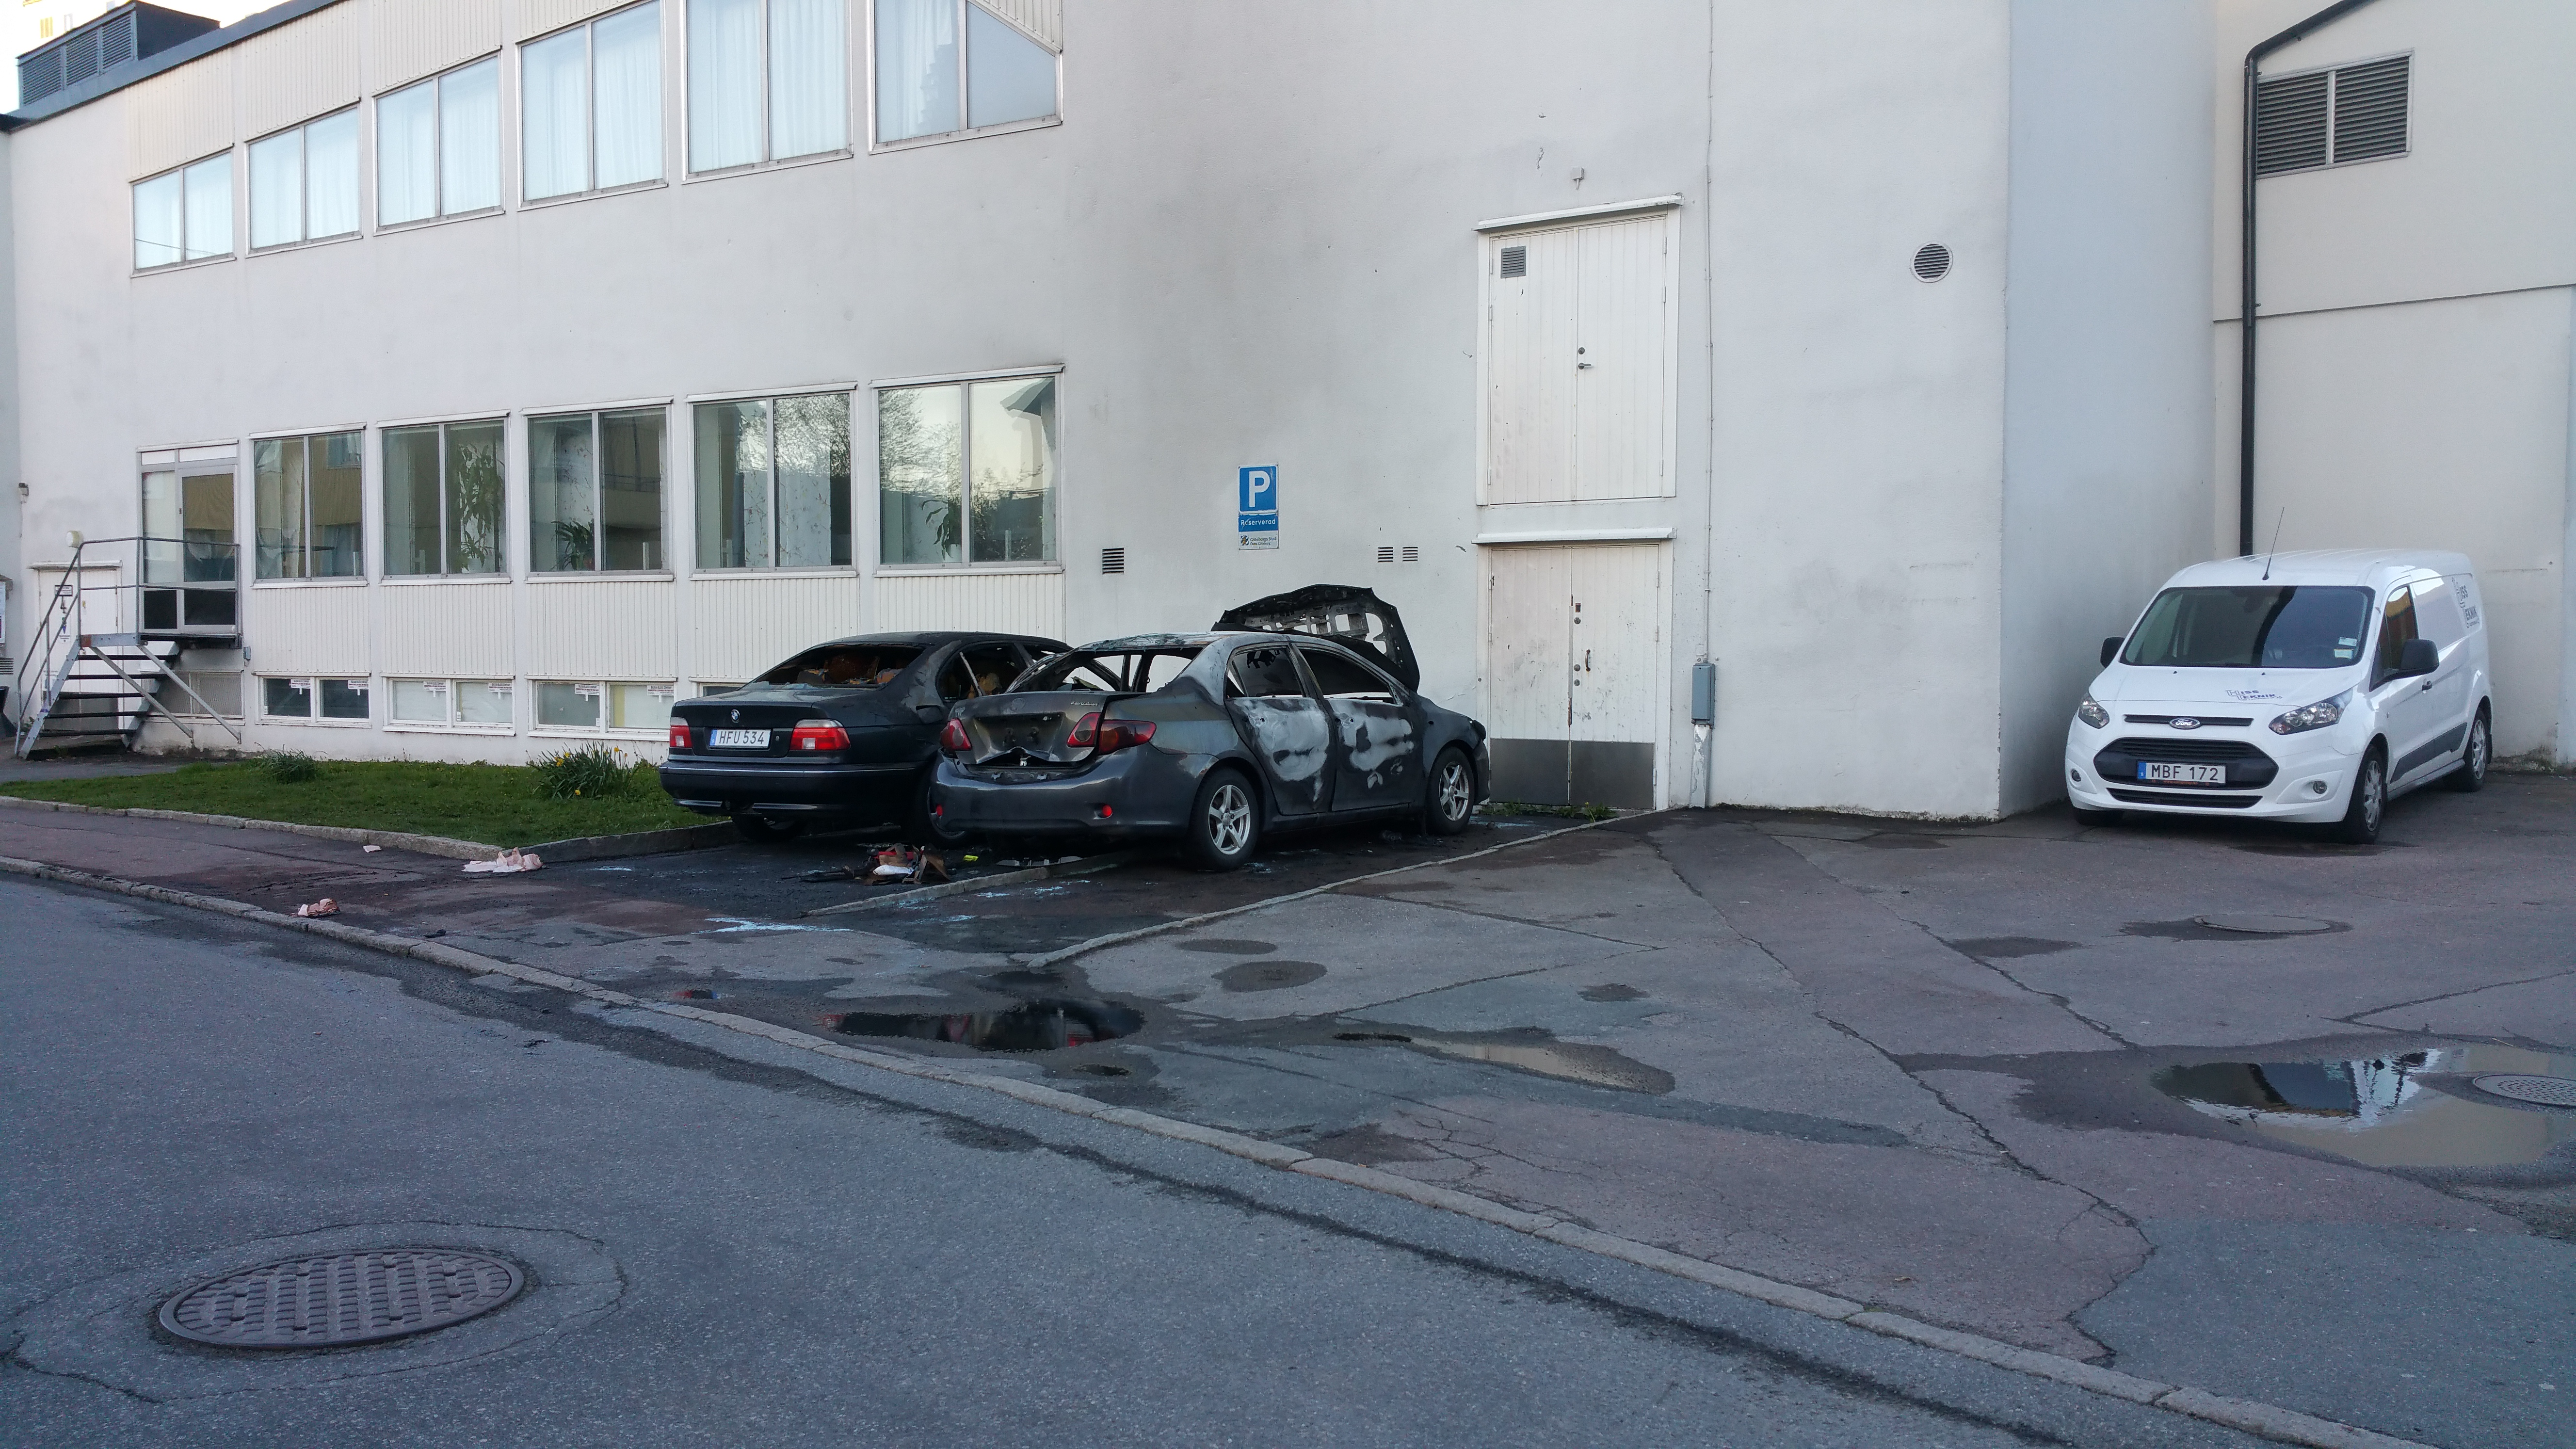 Brinnande bil i attentat mot skola